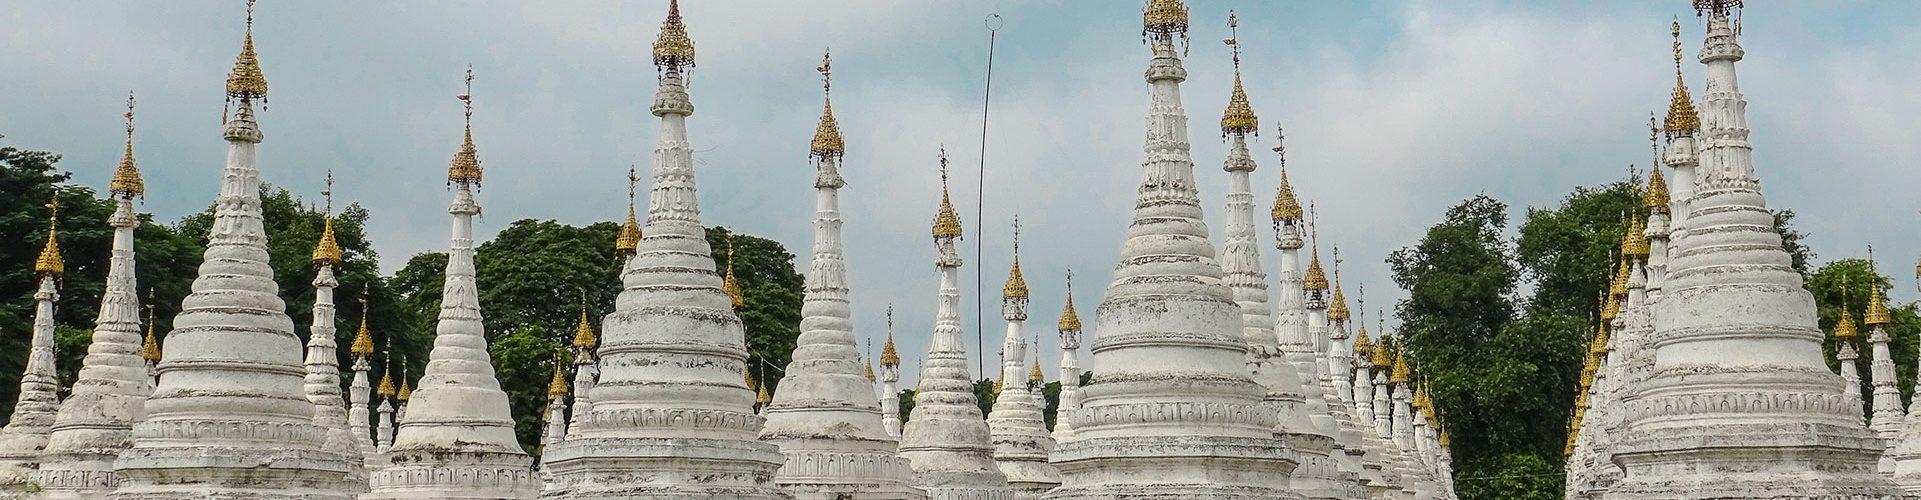 Sandamuni Pagoda Mandalay Myanmar 7 1921x500 - Viagem.Space